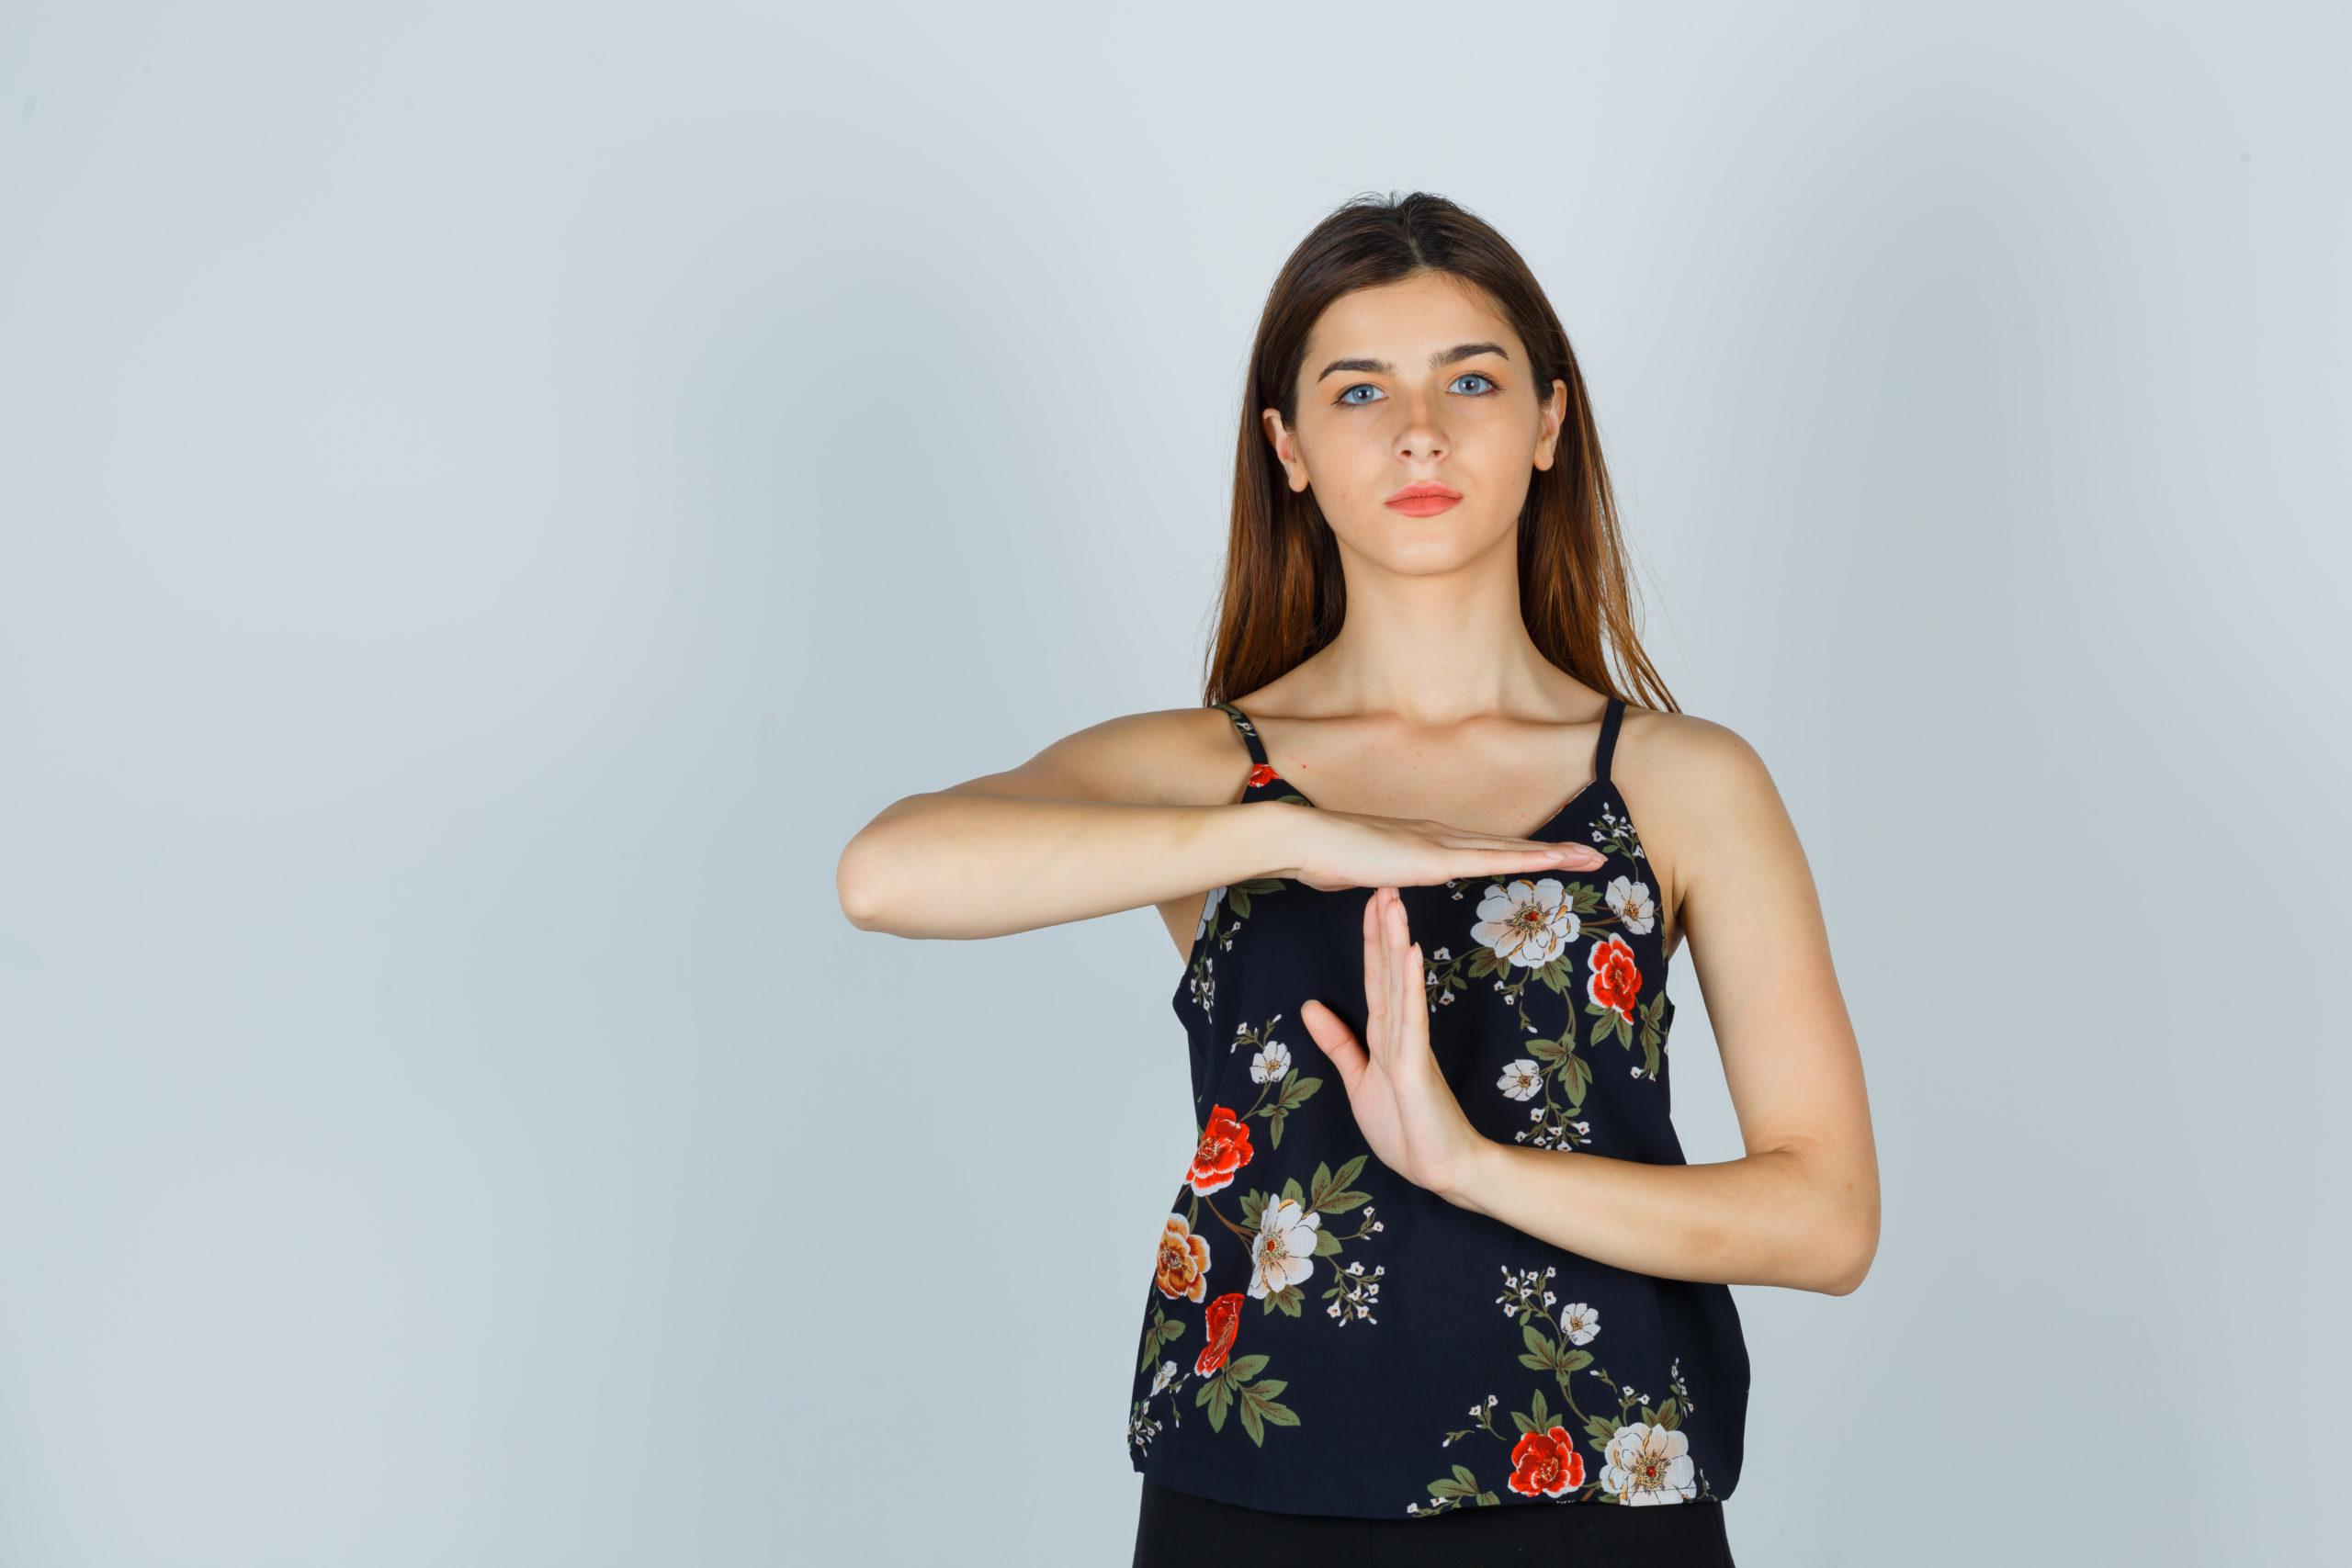 Jeune femme faisant geste pause avec ses mains